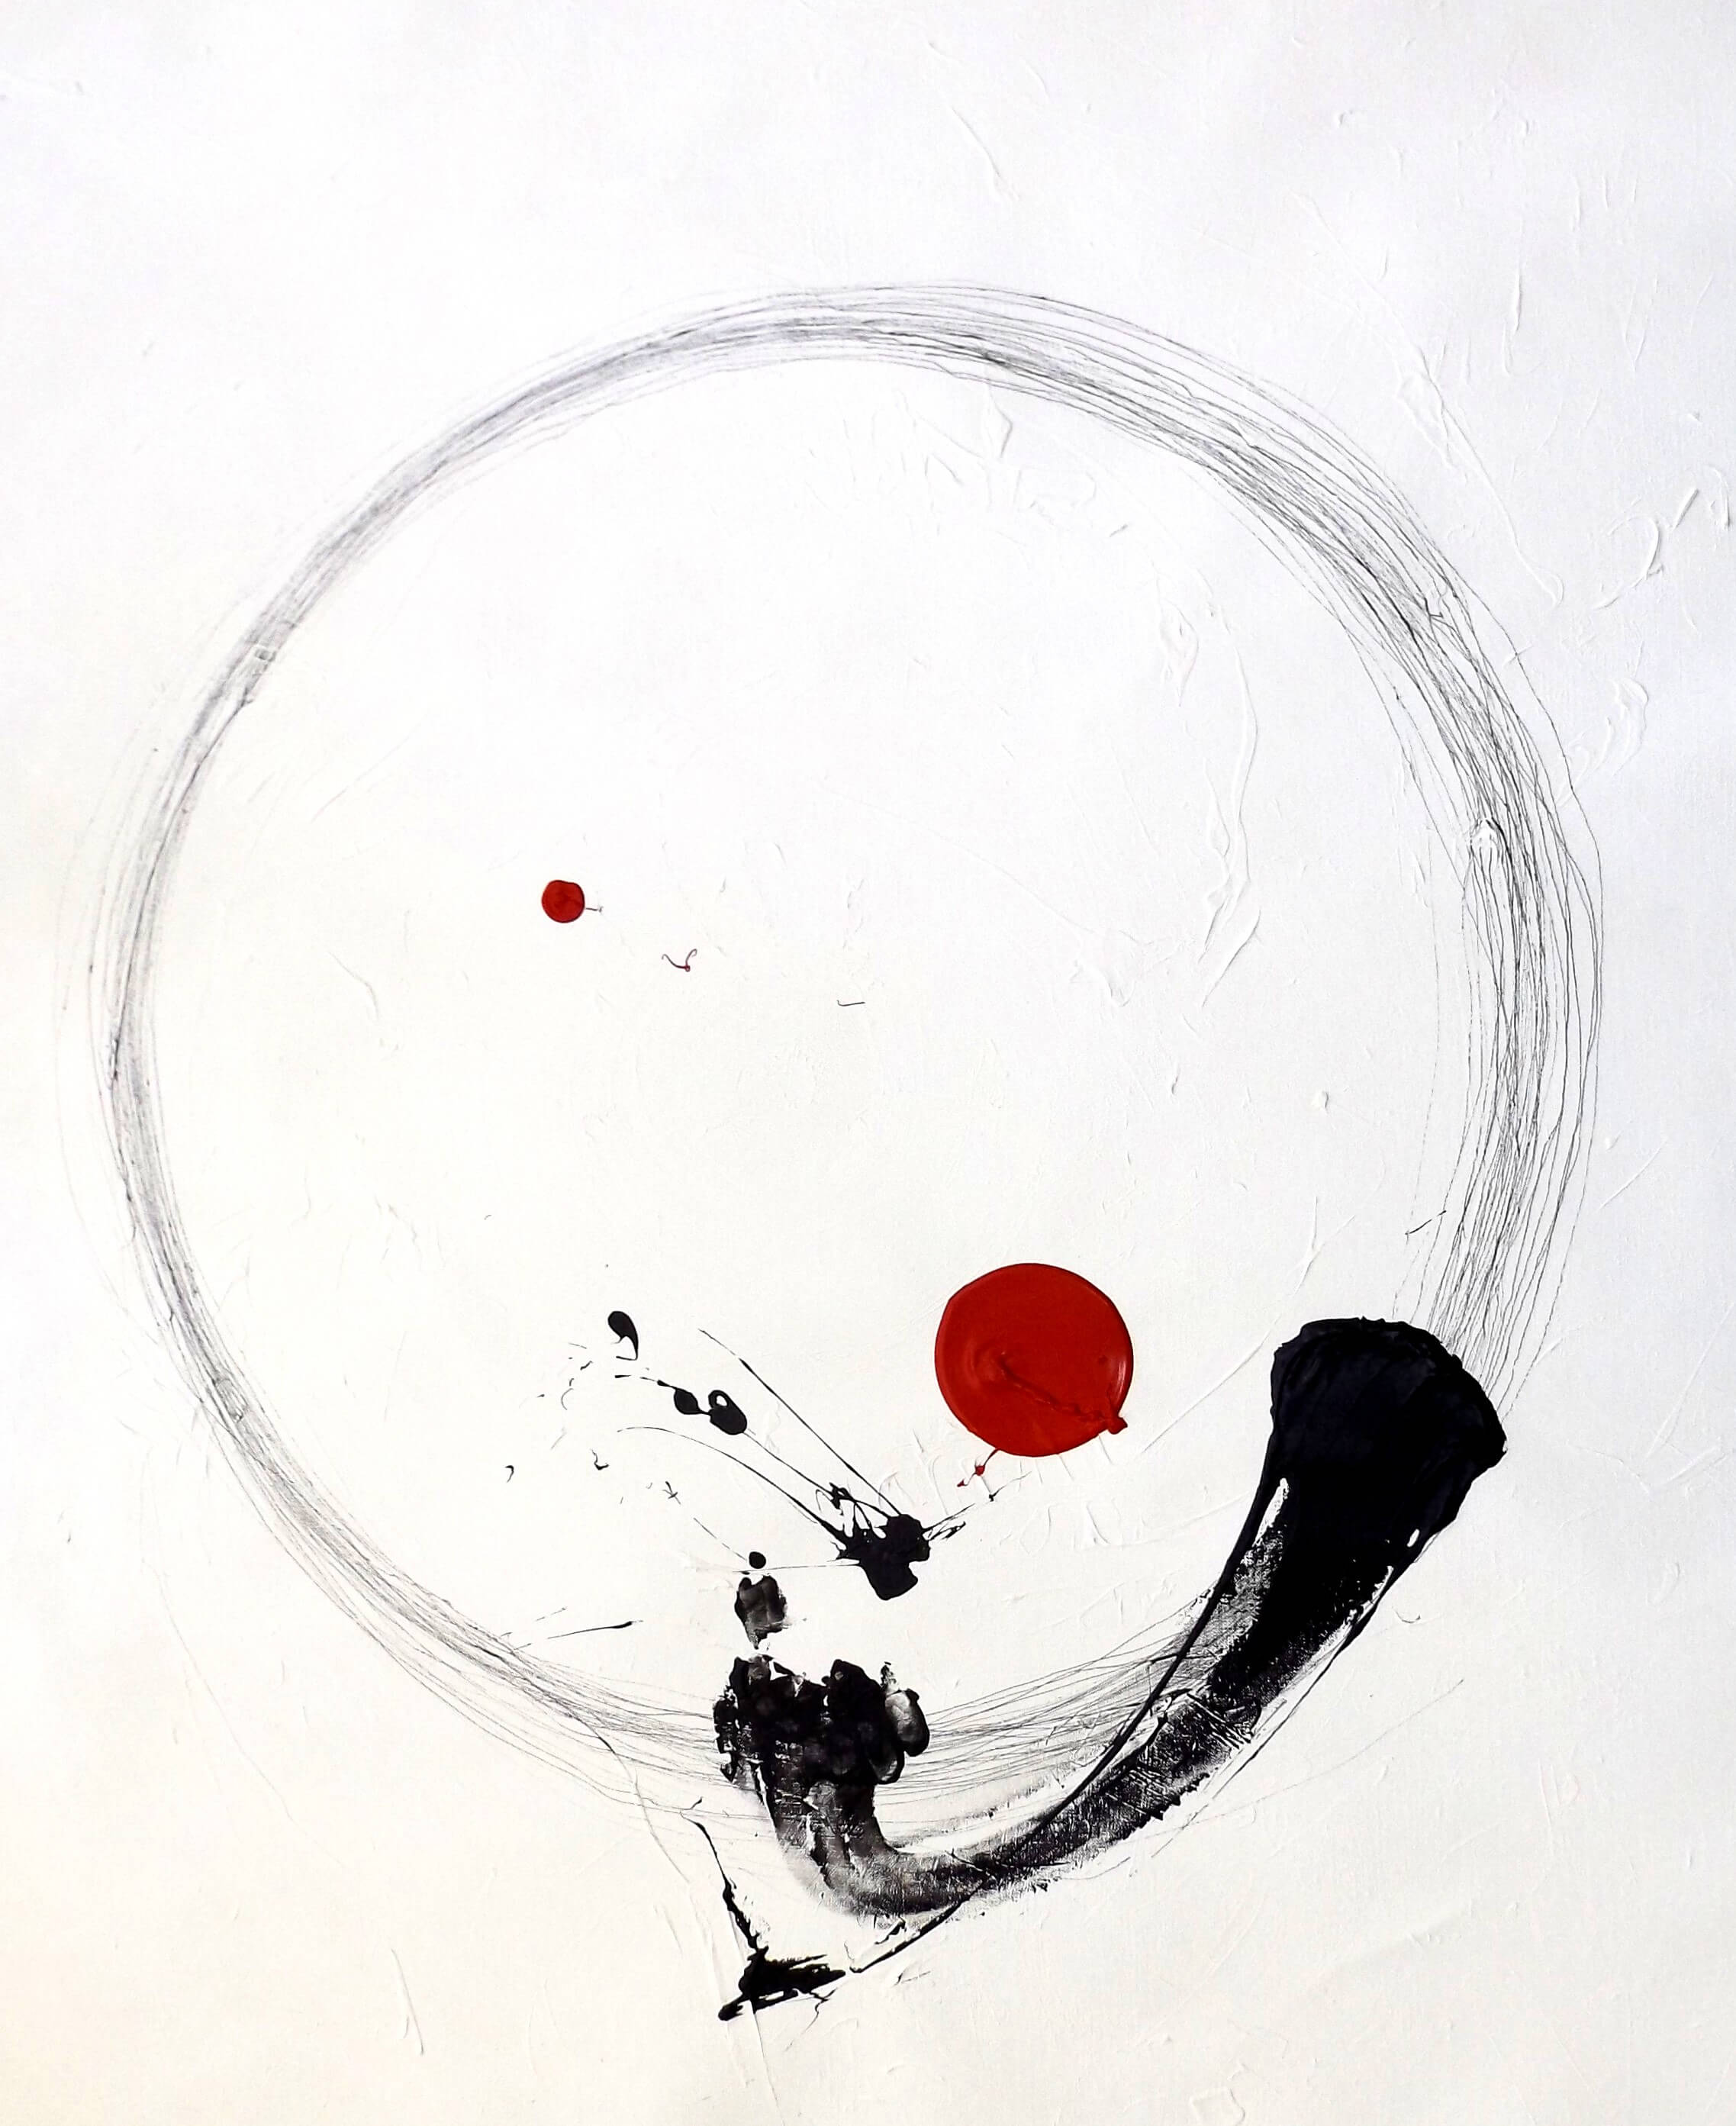 Artworks of Shingo Oe for Dubai 3